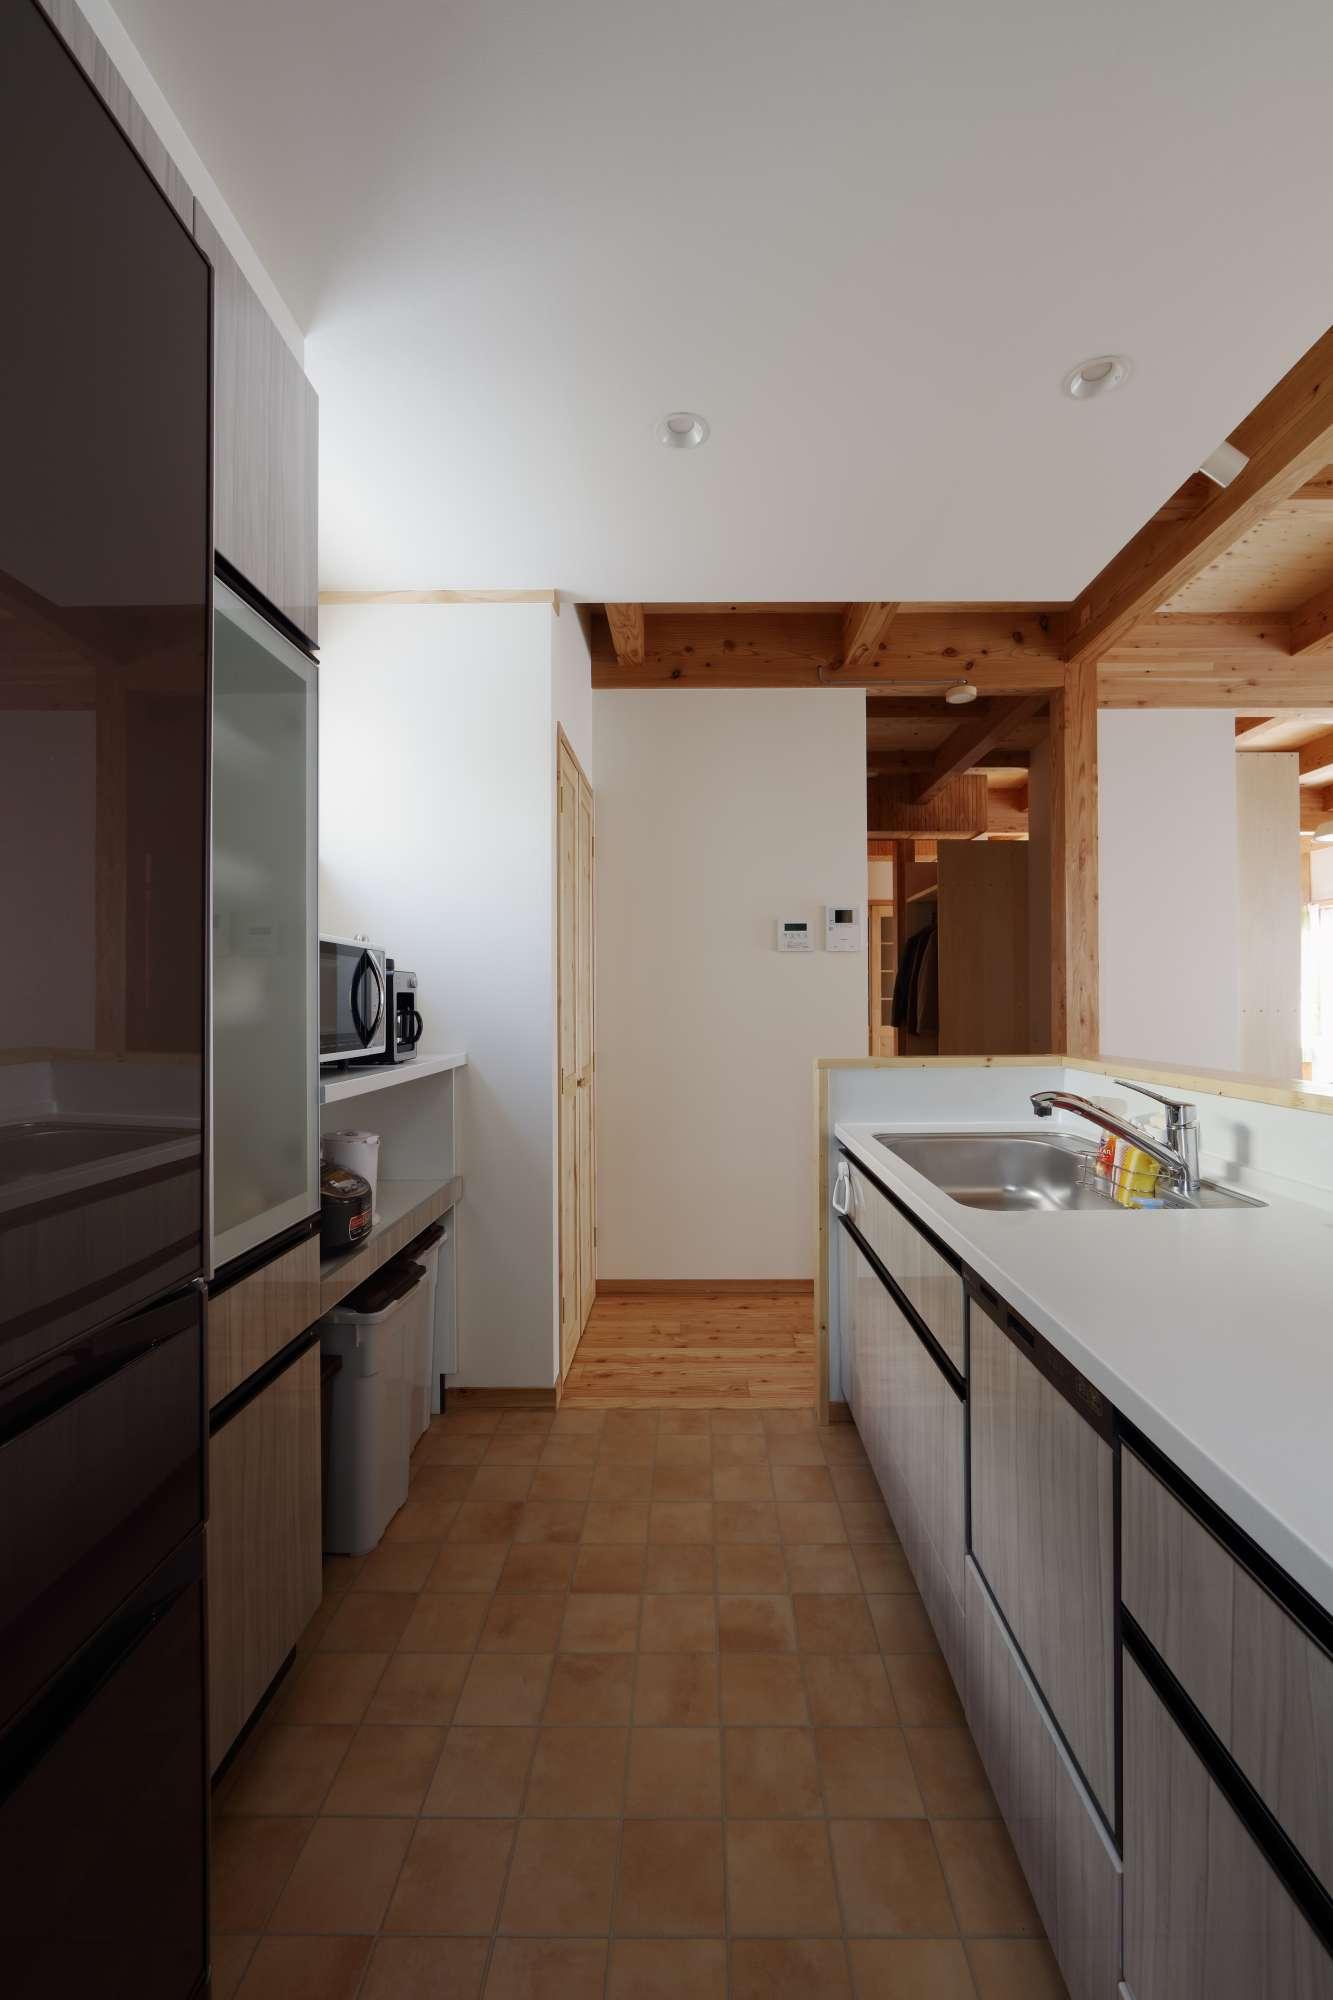 タイルの床で掃除がしやすいキッチンスペース、背面収納も充実 -  -  -